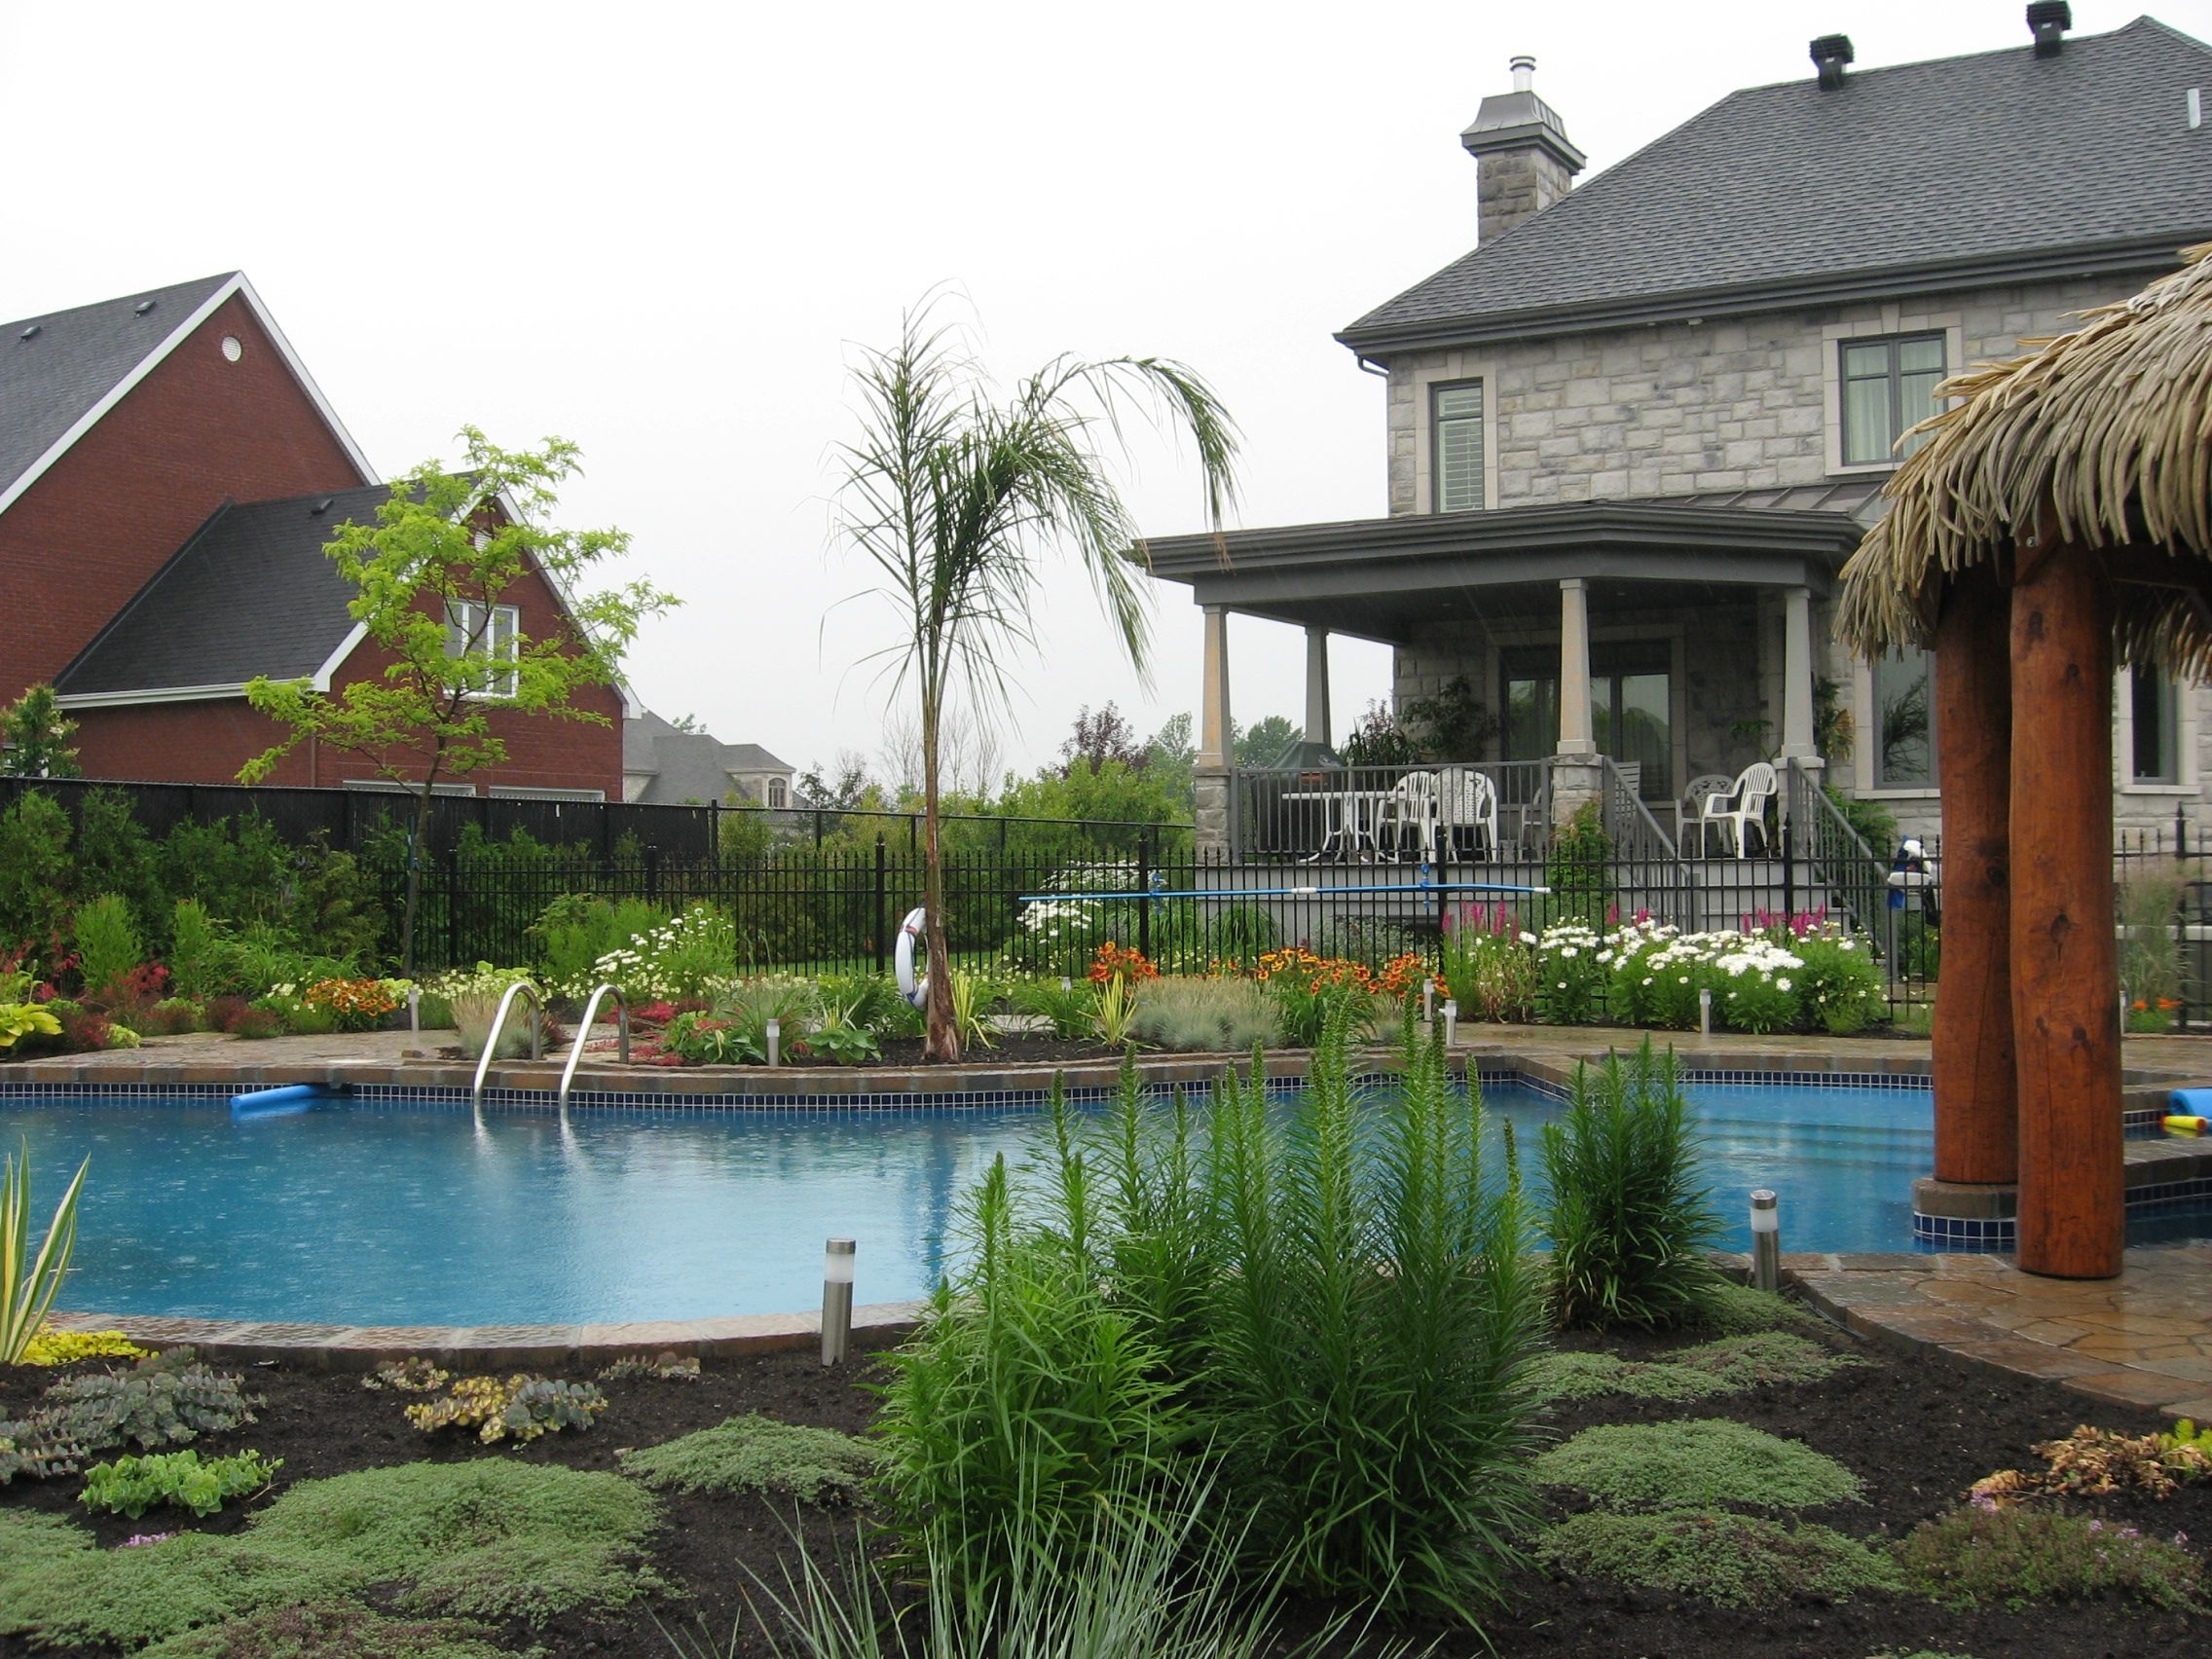 am nagement paysager piscine creus e grands espaces de plantation style exotique vivaves et. Black Bedroom Furniture Sets. Home Design Ideas